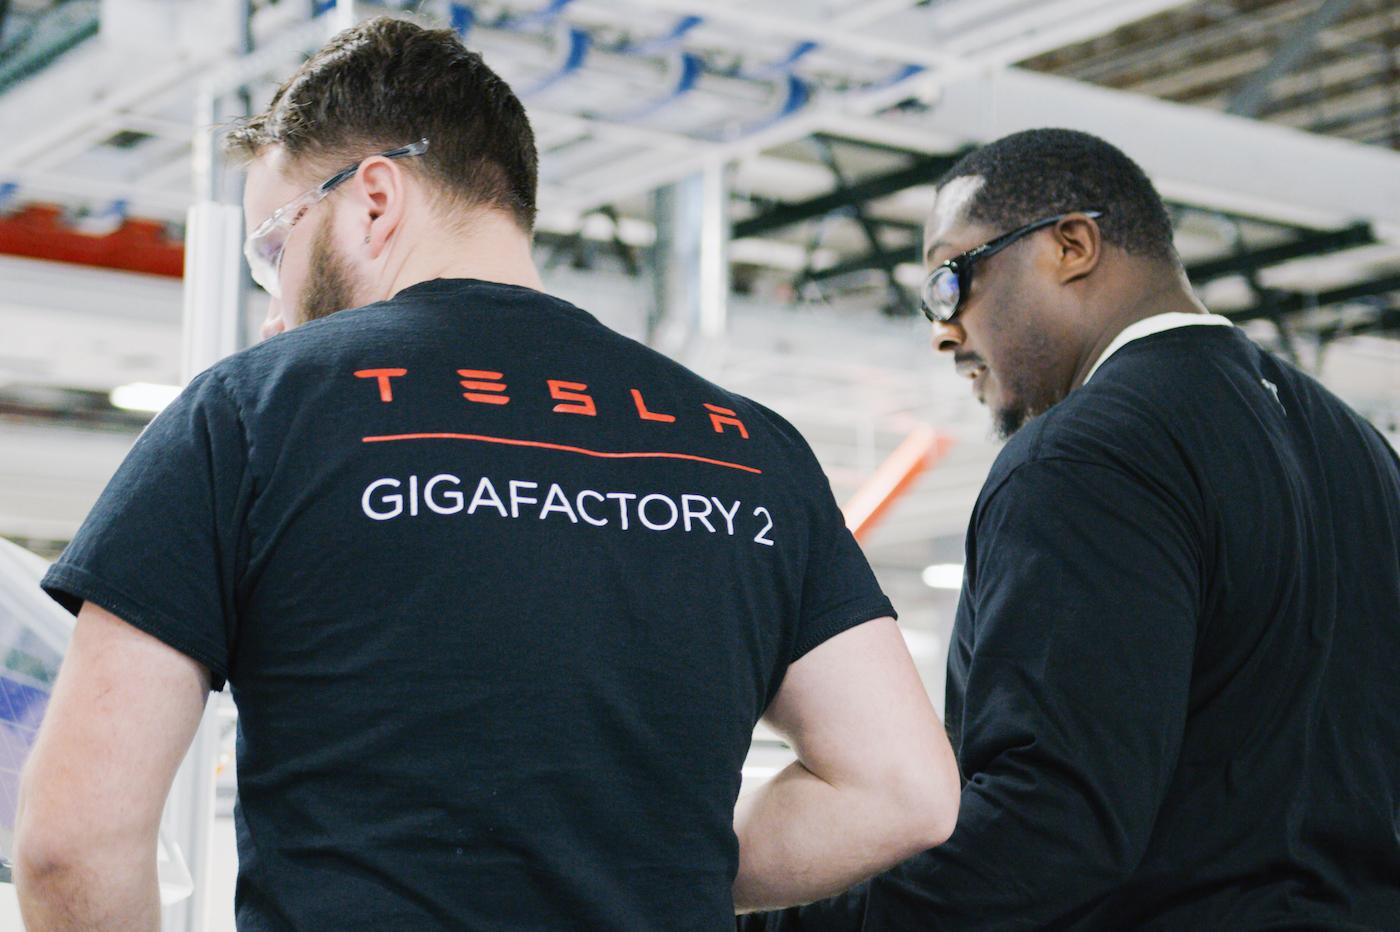 Tesla employes